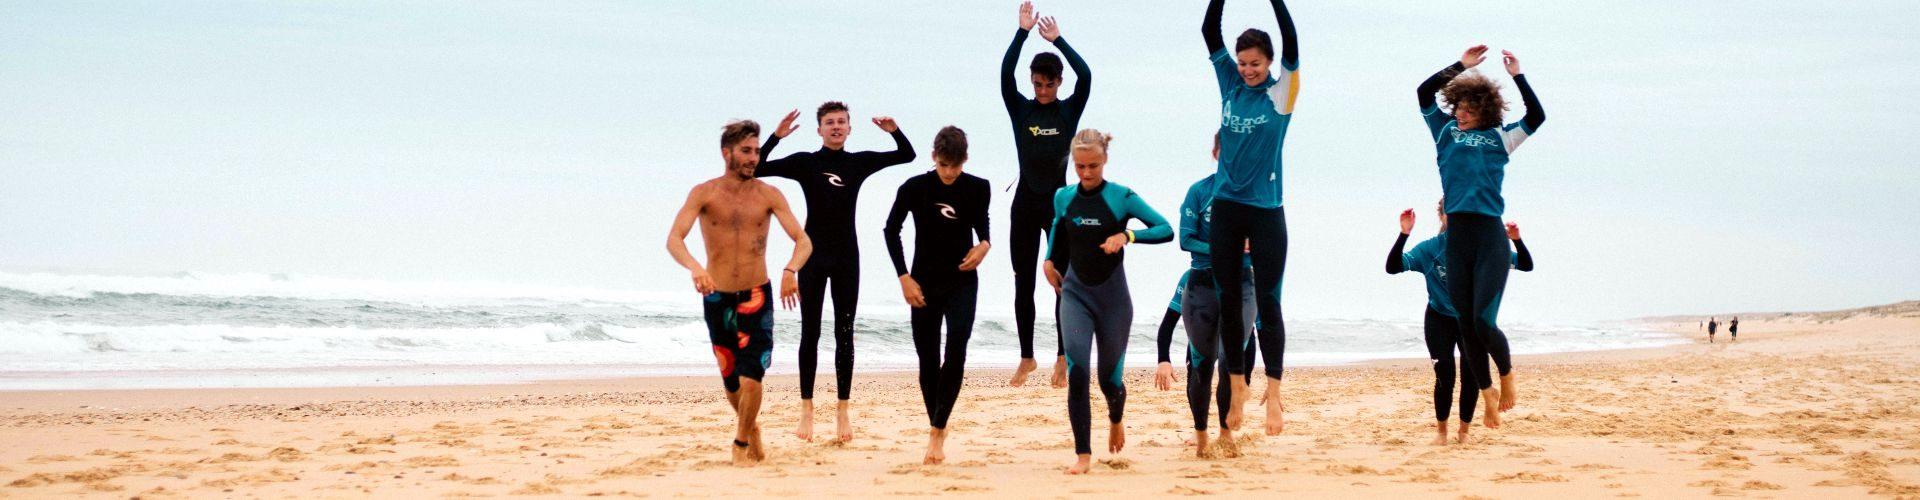 Cursos de surf en Las Landas